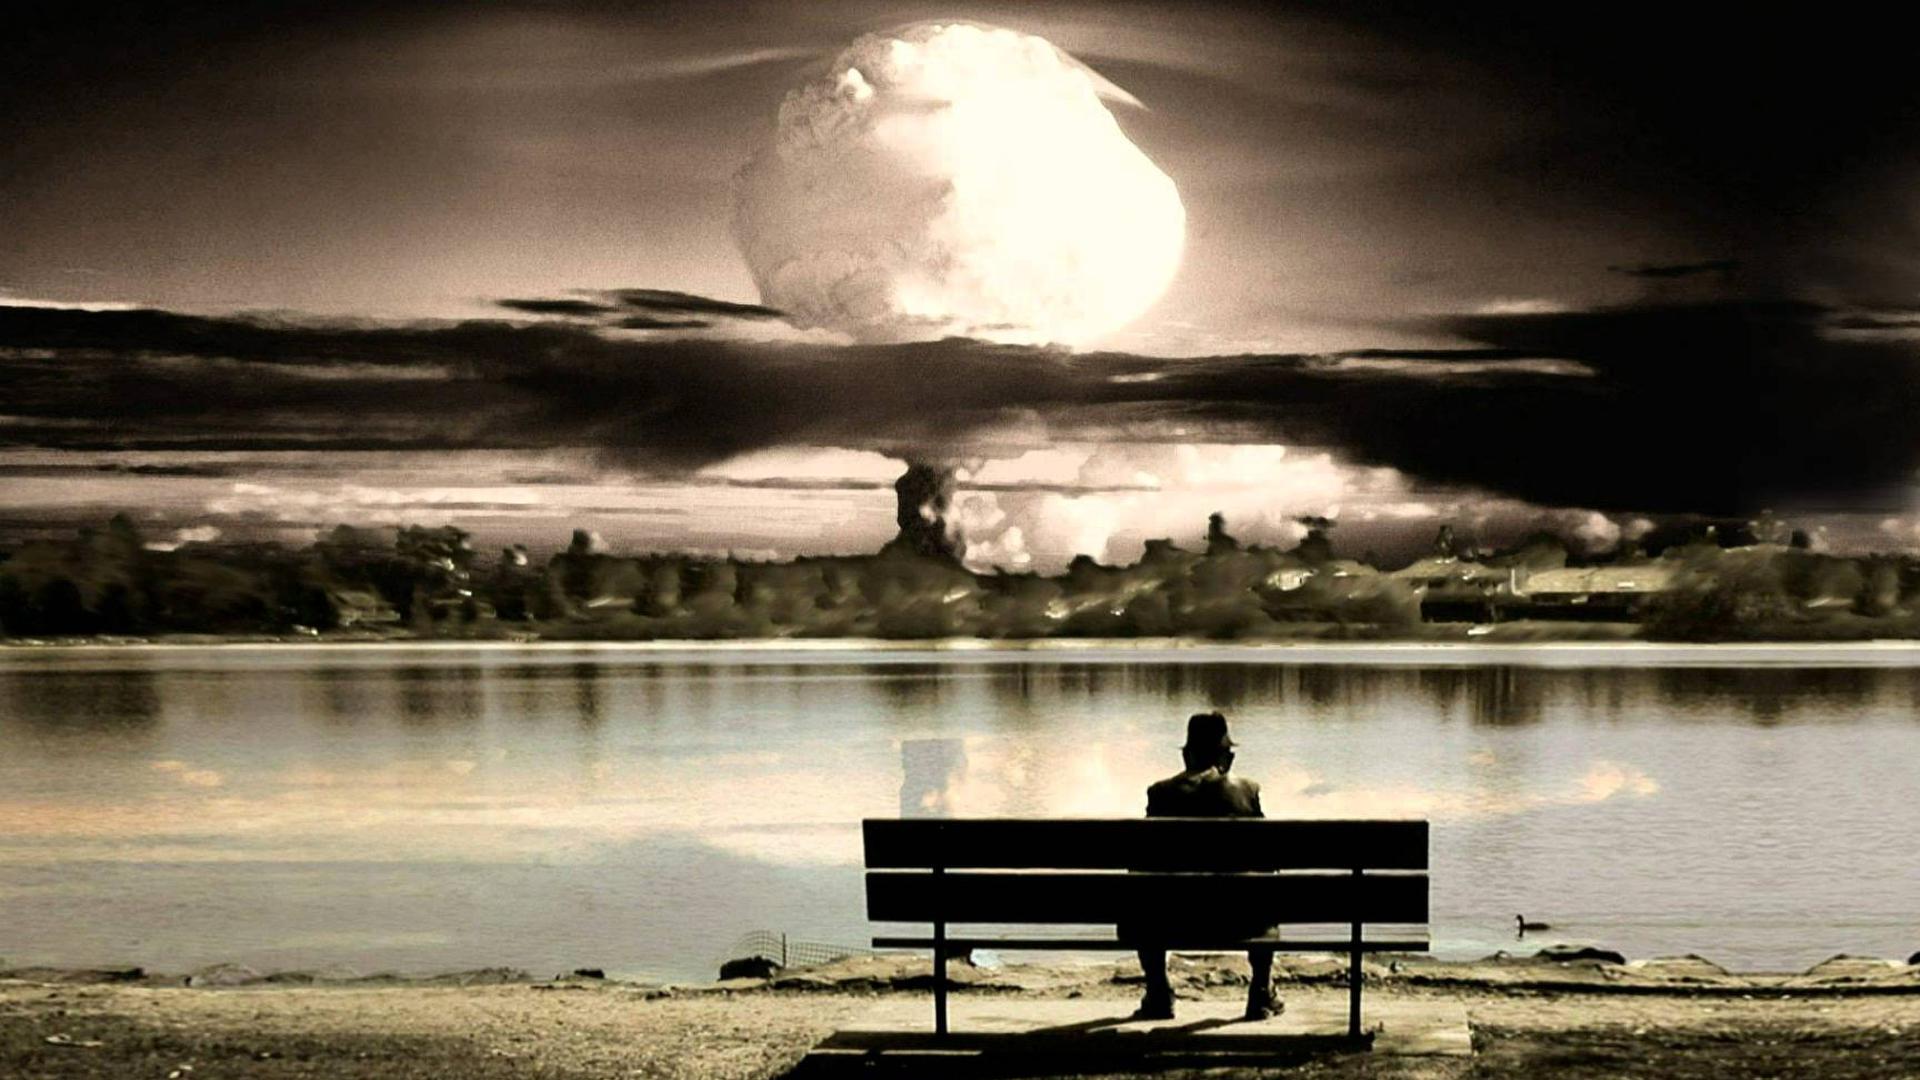 Man Waiting For Bomb Blast HD Wallpaper 1920x1080 ID58479 1920x1080